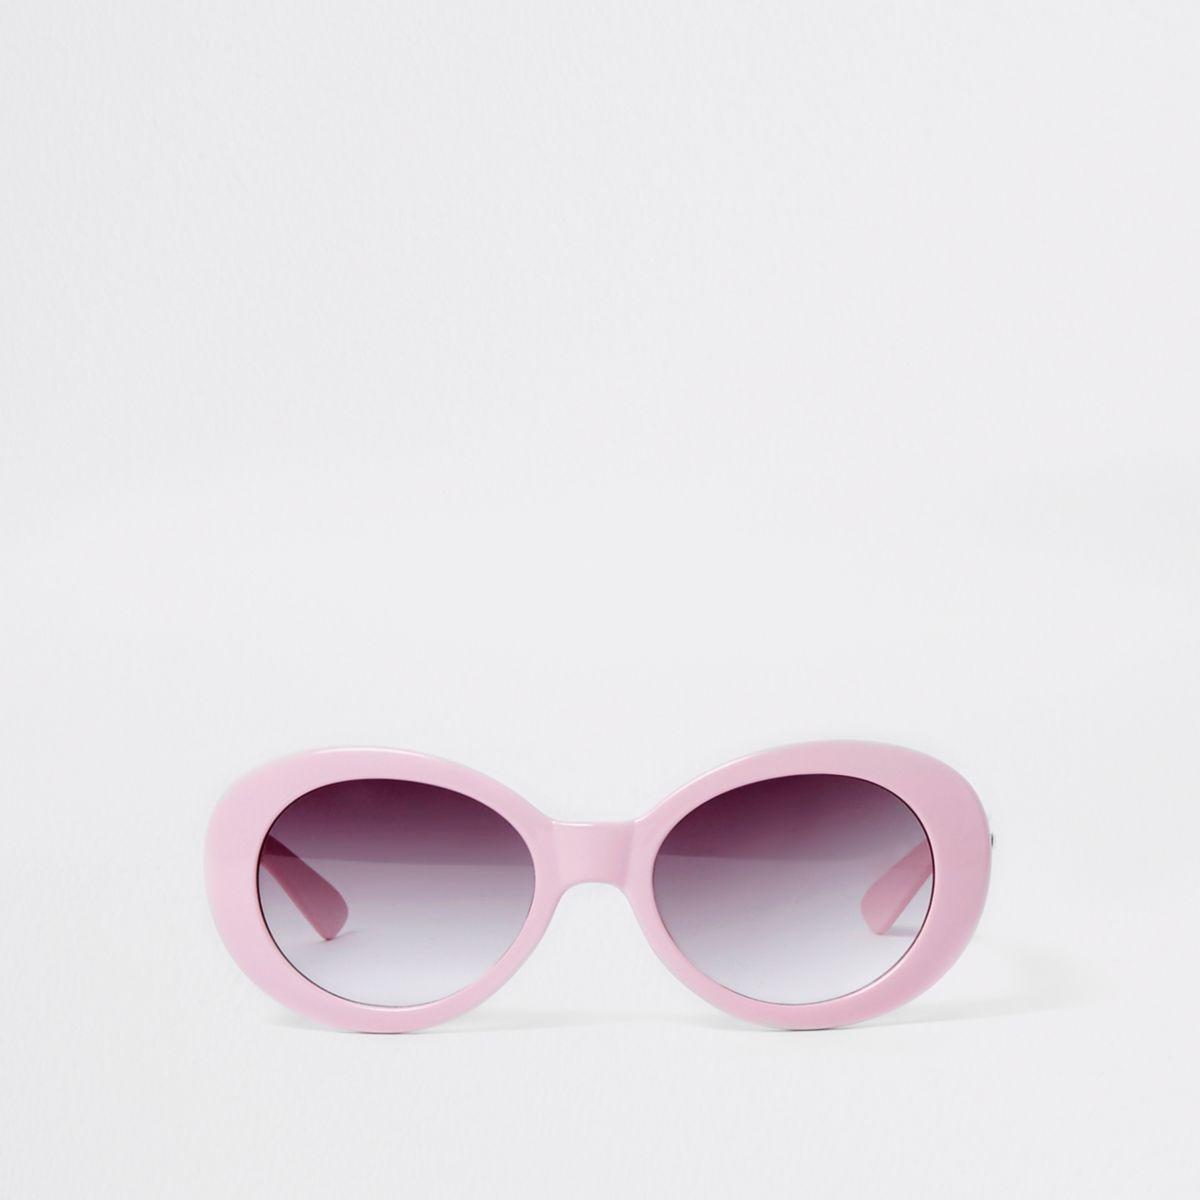 Lunettes de soleil roses rétro ovales pour fille